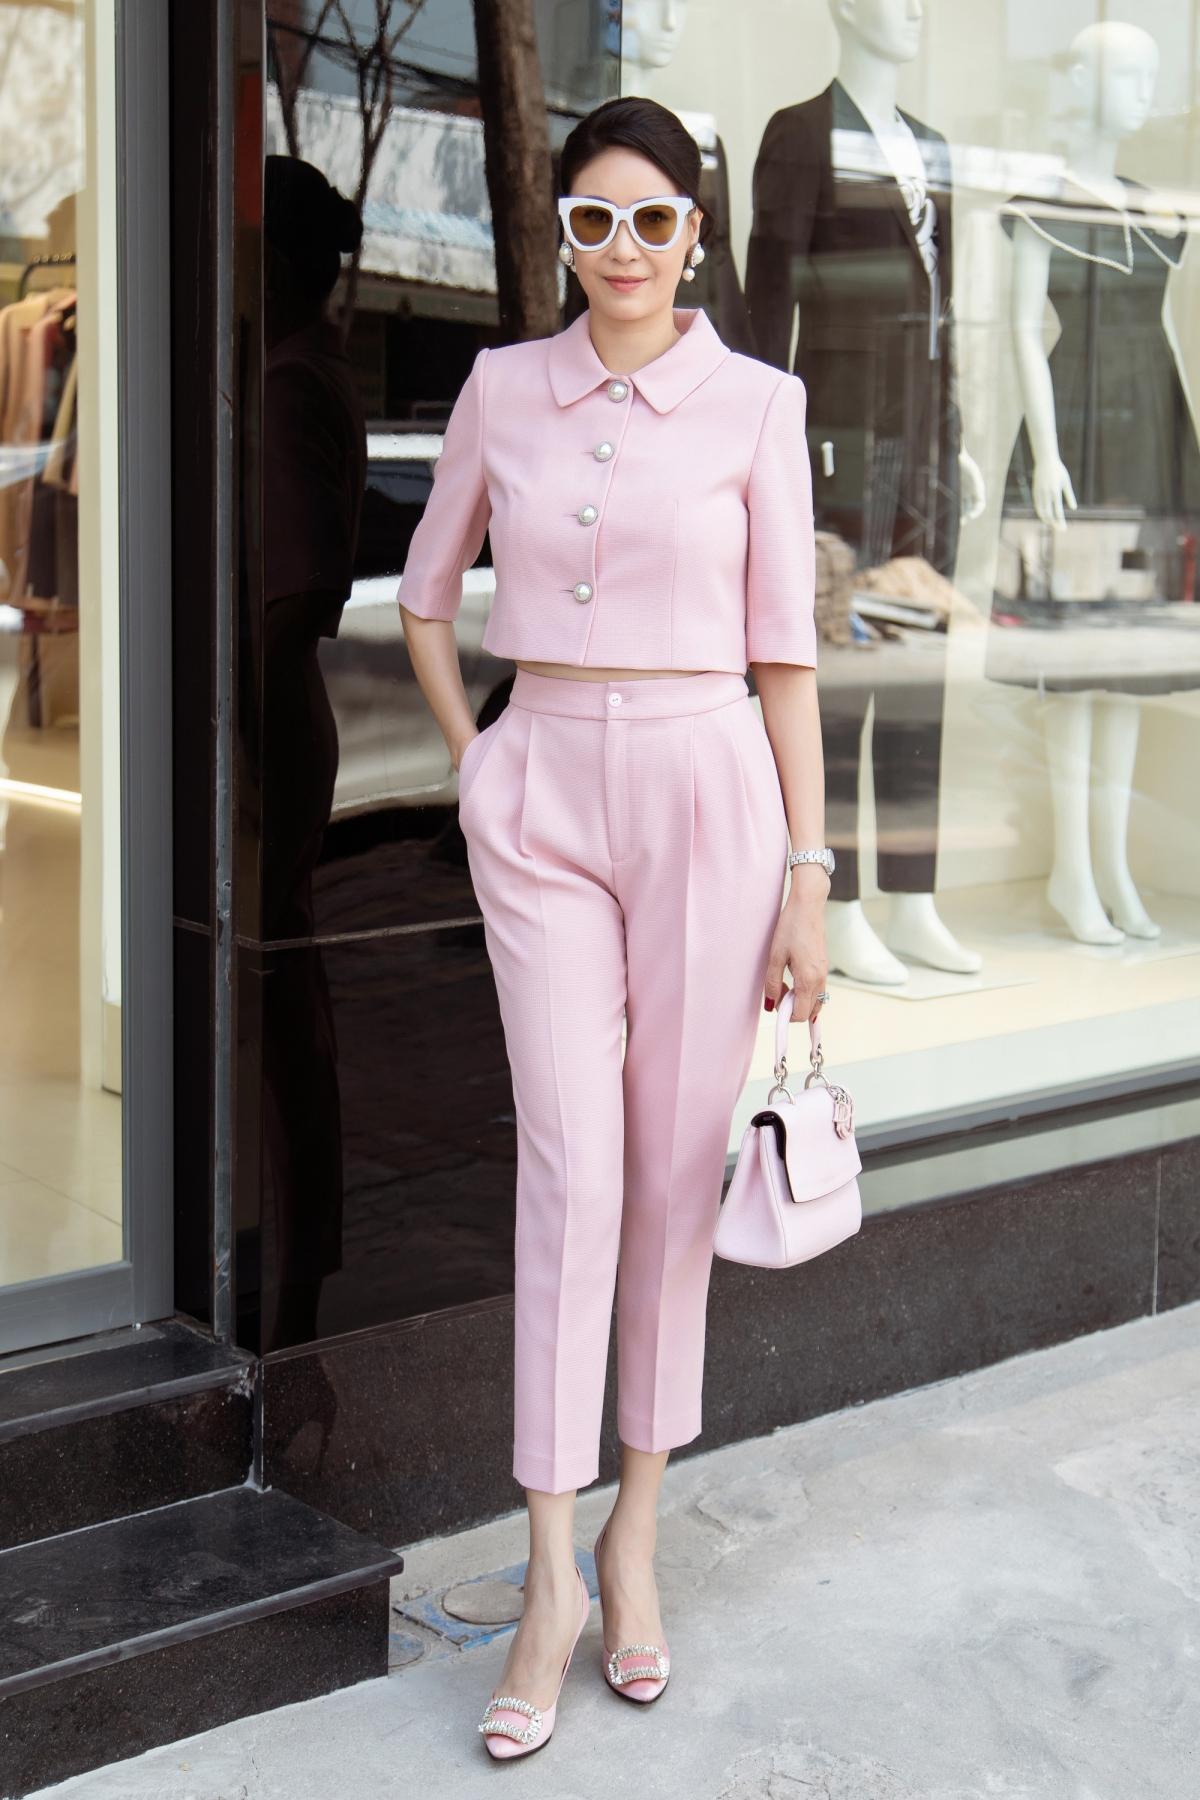 Trong khi đó, cũng chọn sắc hồng, Hoa hậu Hà Kiều Anh lại mang đến vẻ ngoài nền nã, duyên dáng trong thiết kế kết hợp giữa quần xếp li và chiếc áo tay lửng mang hơi hướng cổ điển.